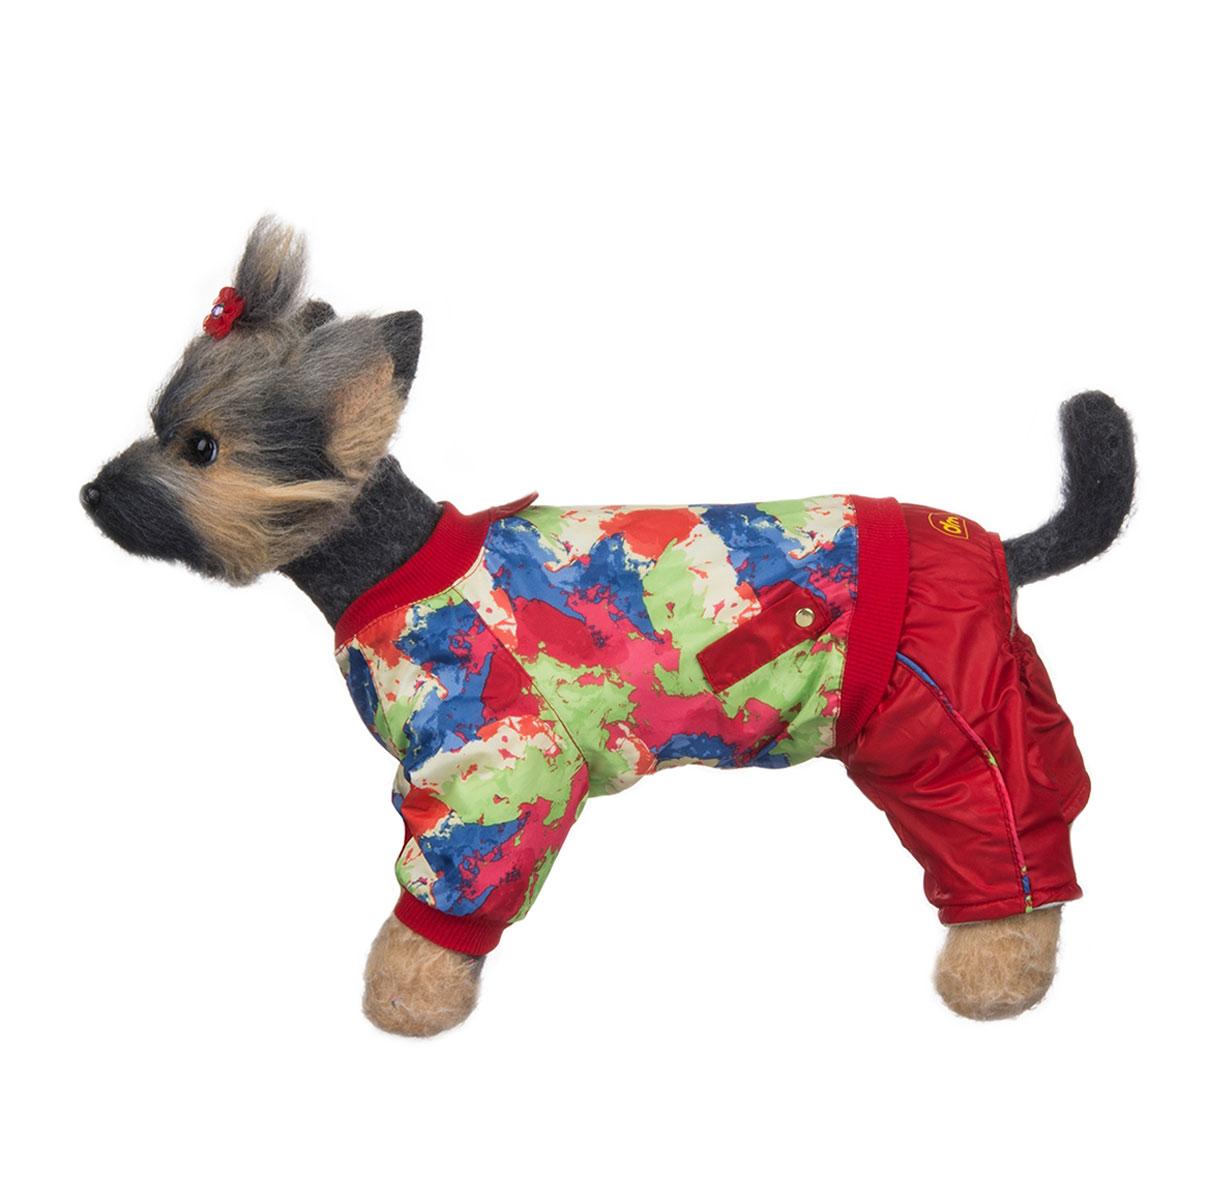 Комбинезон для собак Dogmoda Акварель, для девочки, цвет: красный, синий, зеленый. Размер 4 (XL)DM-150311-4Комбинезон для собак Dogmoda Акварель отлично подойдет для прогулок поздней осенью или ранней весной.Комбинезон изготовлен из полиэстера, защищающего от ветра и осадков, с подкладкой из флиса, которая сохранит тепло и обеспечит отличный воздухообмен. Комбинезон застегивается на кнопки, благодаря чему его легко надевать и снимать. Ворот, низ рукавов оснащены широкими трикотажными манжетами, которые мягко обхватывают шею и лапки, не позволяя просачиваться холодному воздуху. На пояснице комбинезон декорирован трикотажной резинкой.Благодаря такому комбинезону простуда не грозит вашему питомцу и он не даст любимцу продрогнуть на прогулке.